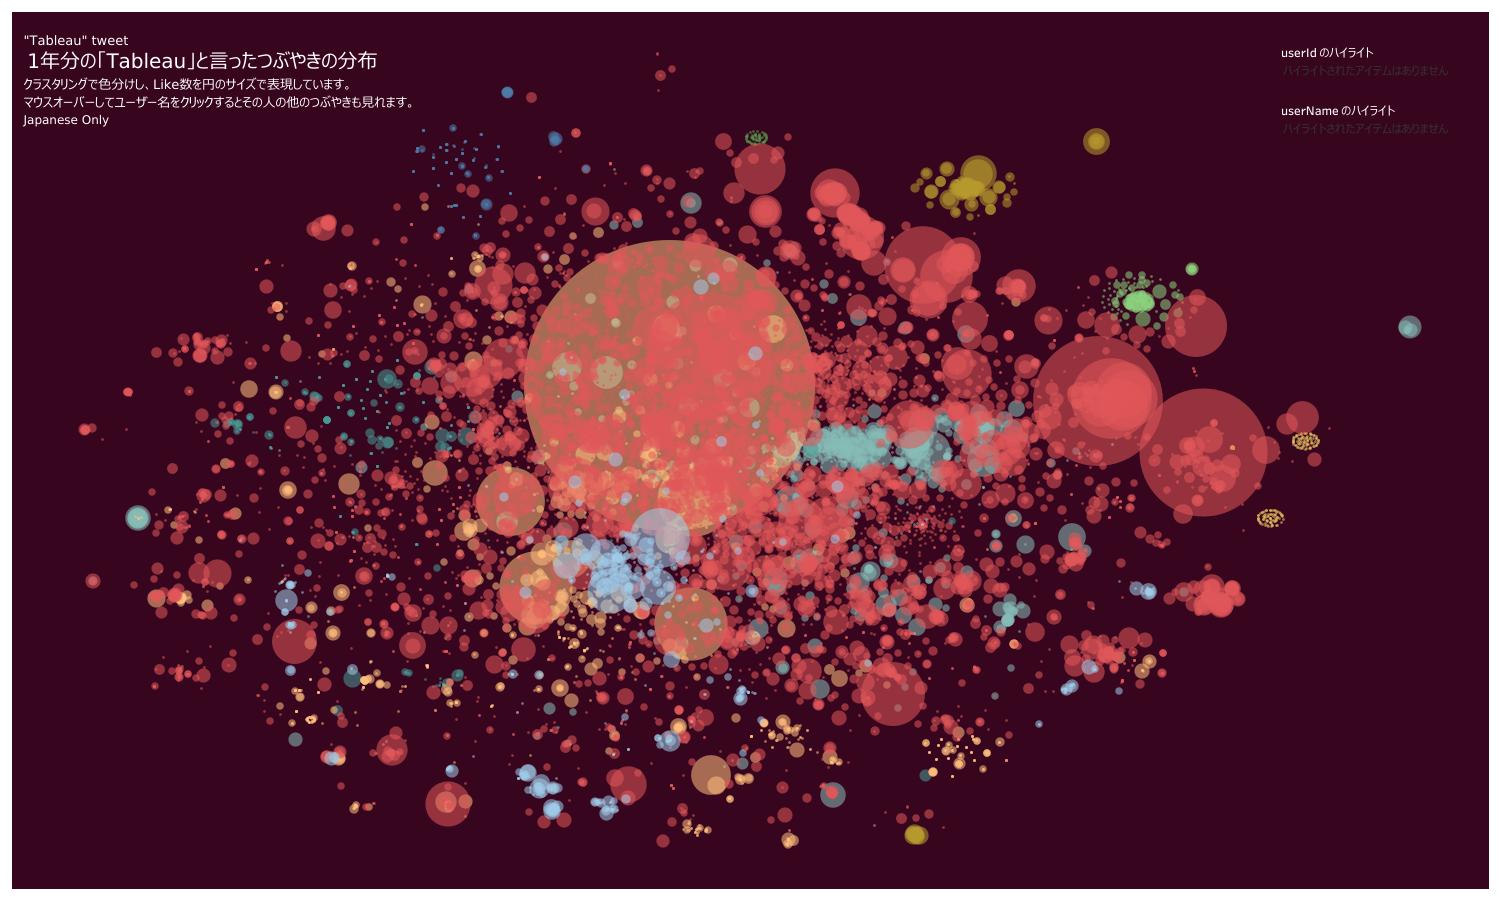 つぶやきの分布の図